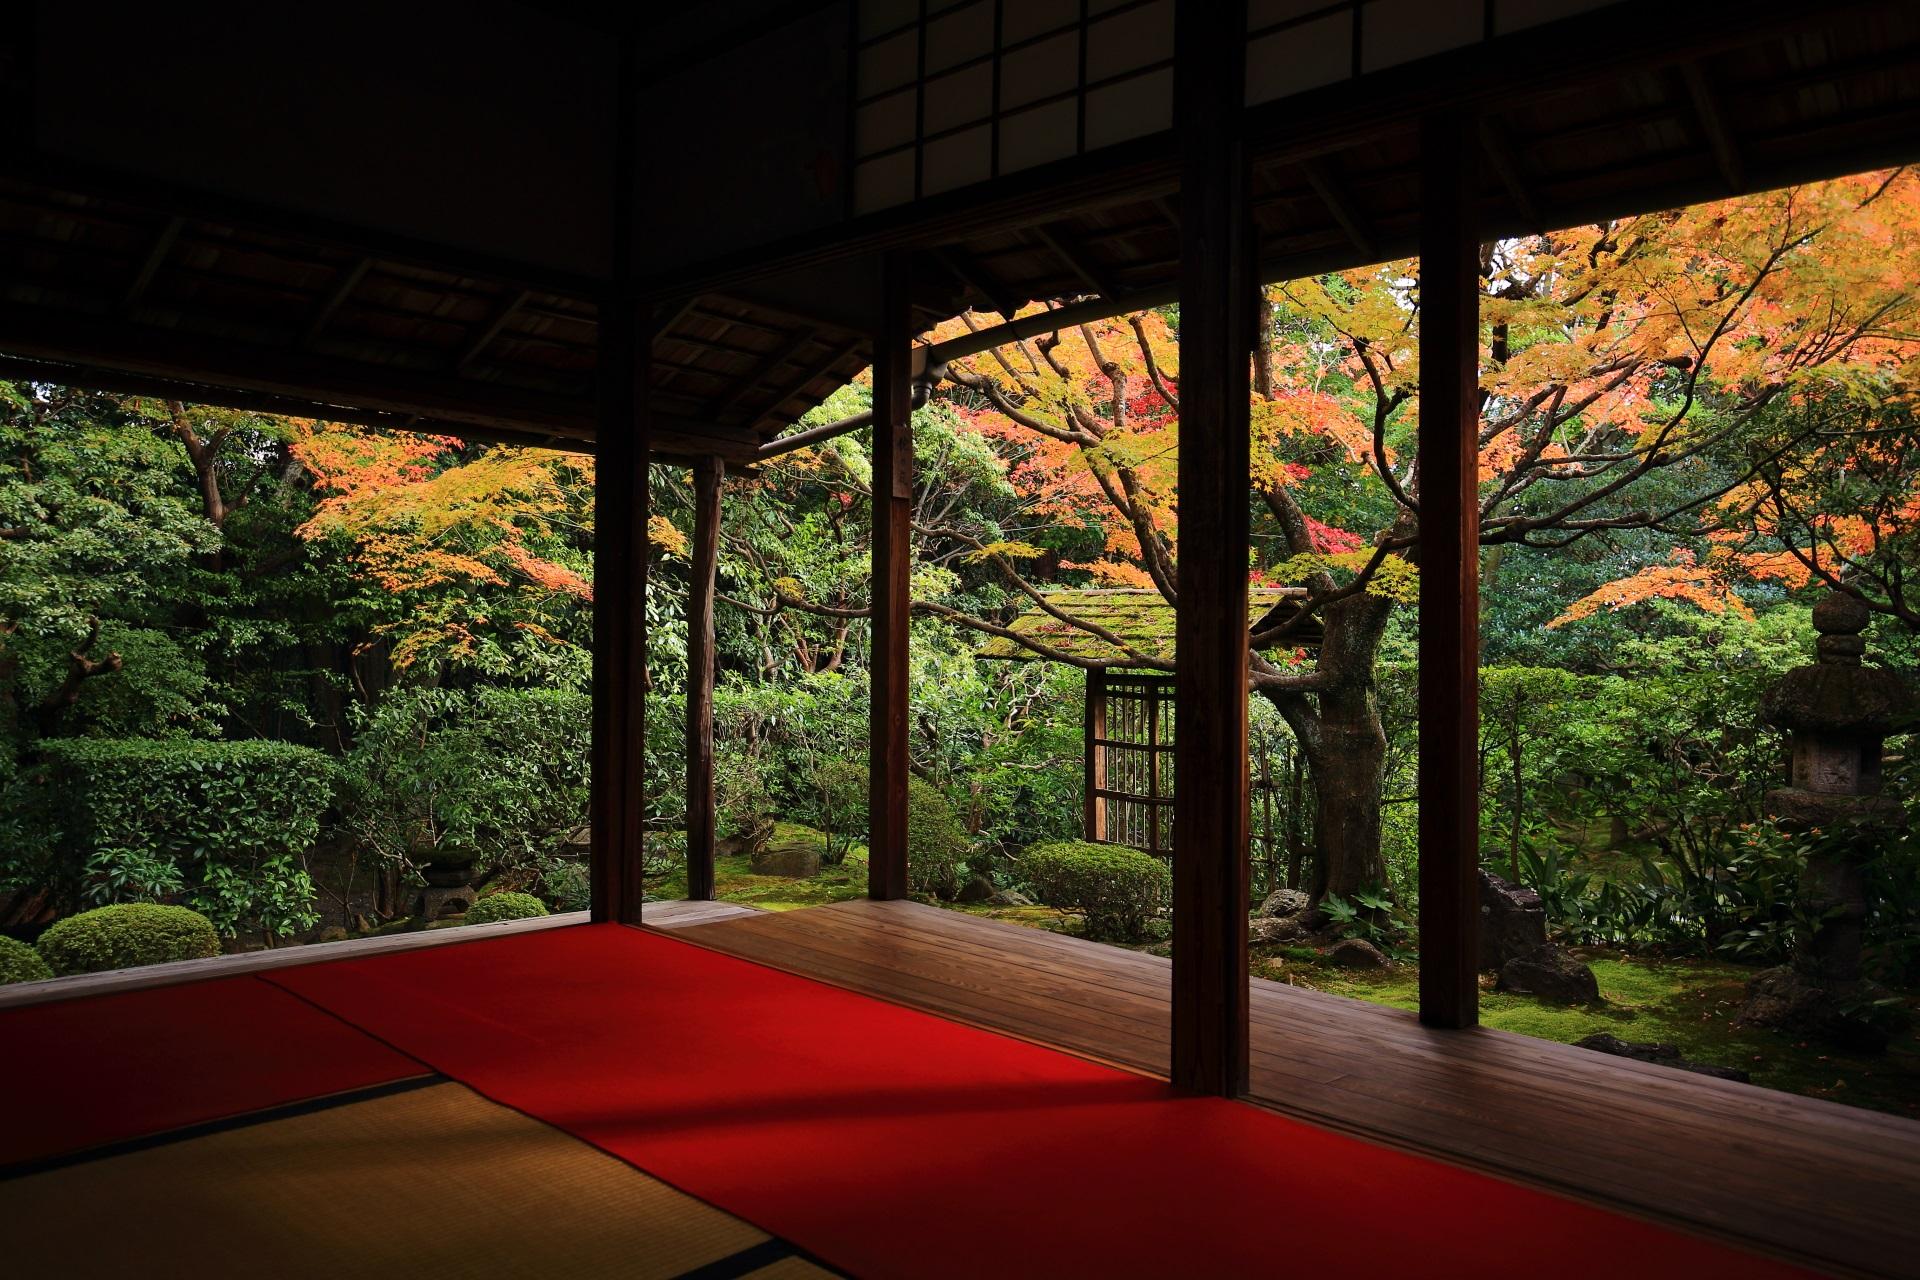 桂春院の「侘の庭(わびのにわ)」の紅葉